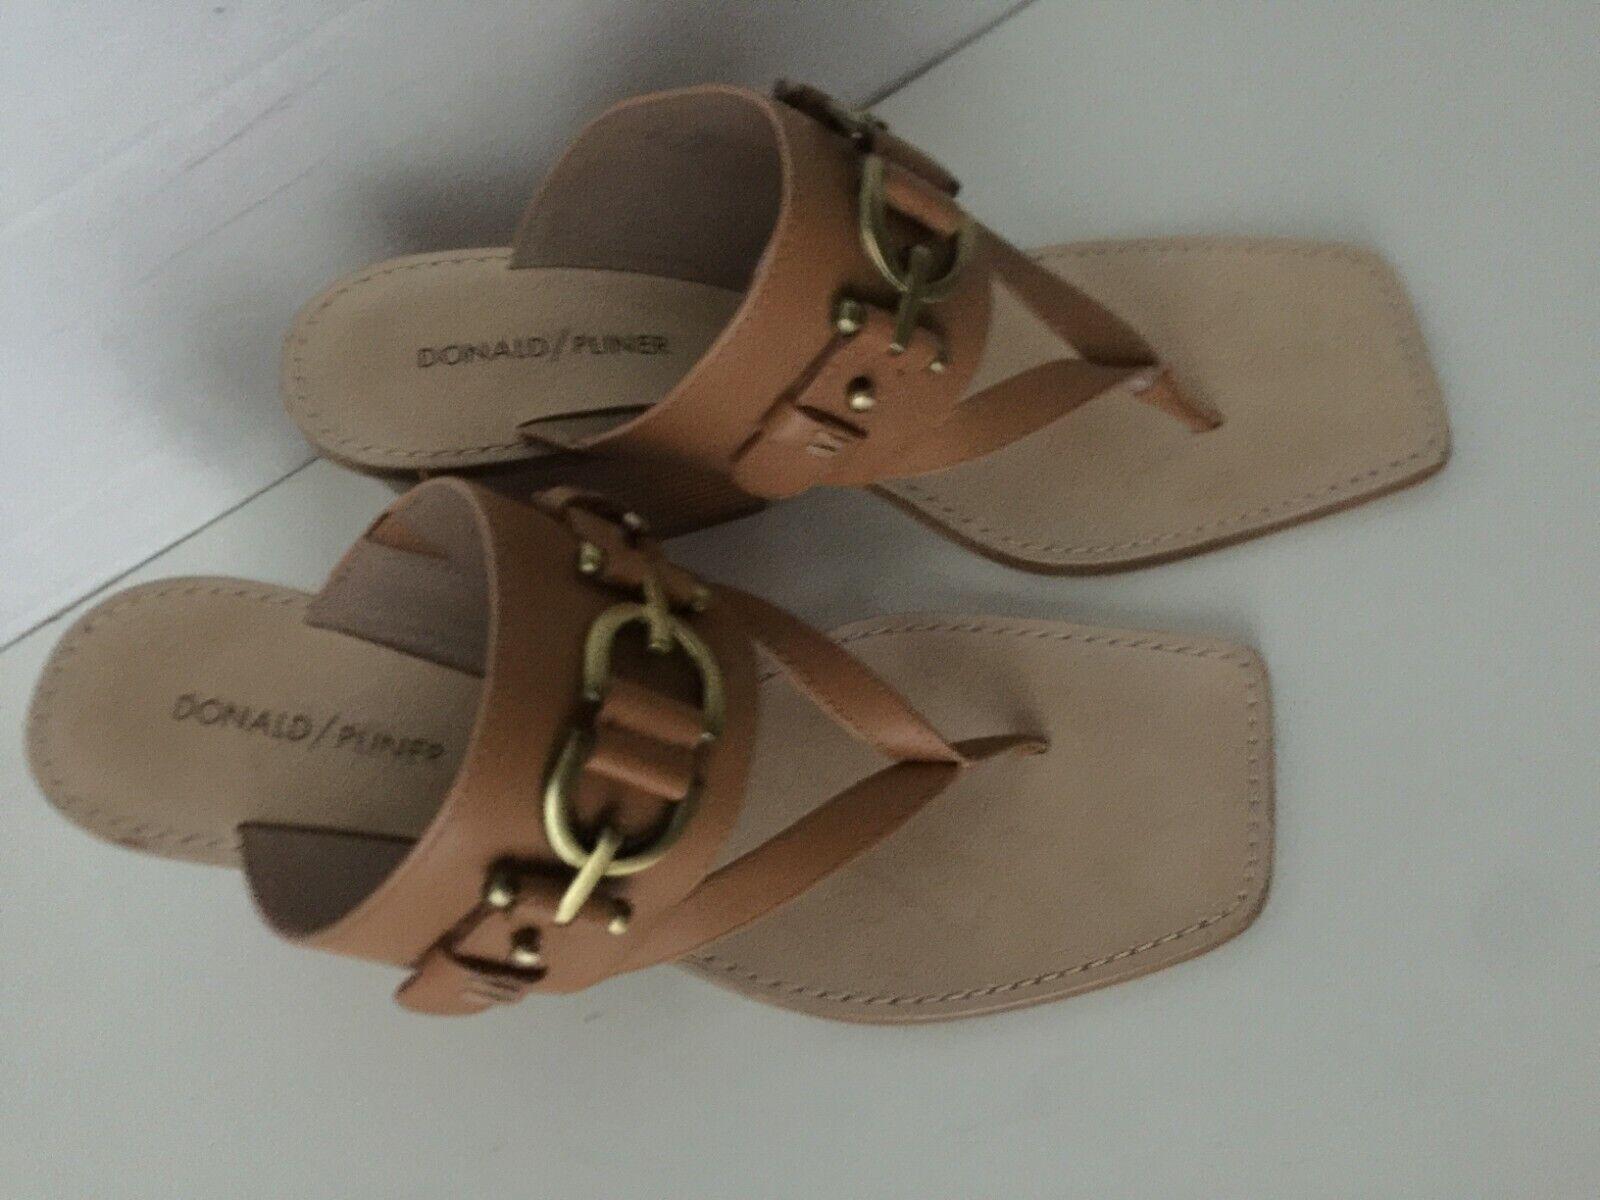 Donald Pliner Mimi Tan Marronee Thong Sandals 9.5